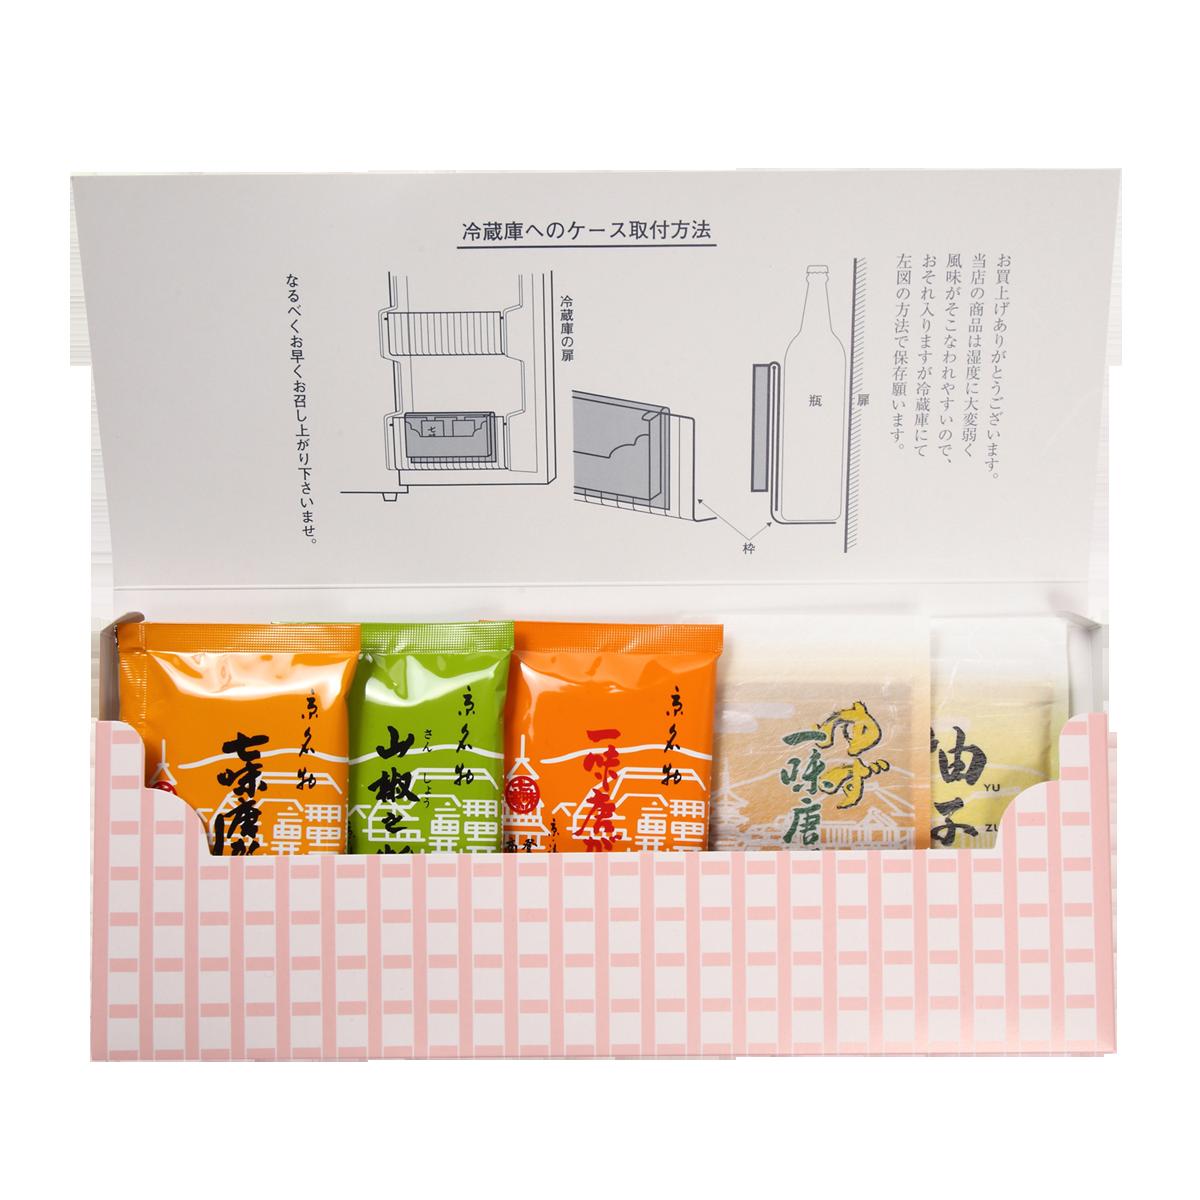 五香味セット(七味小袋、山椒袋、一味袋、ゆず粉袋、ゆず一味袋)